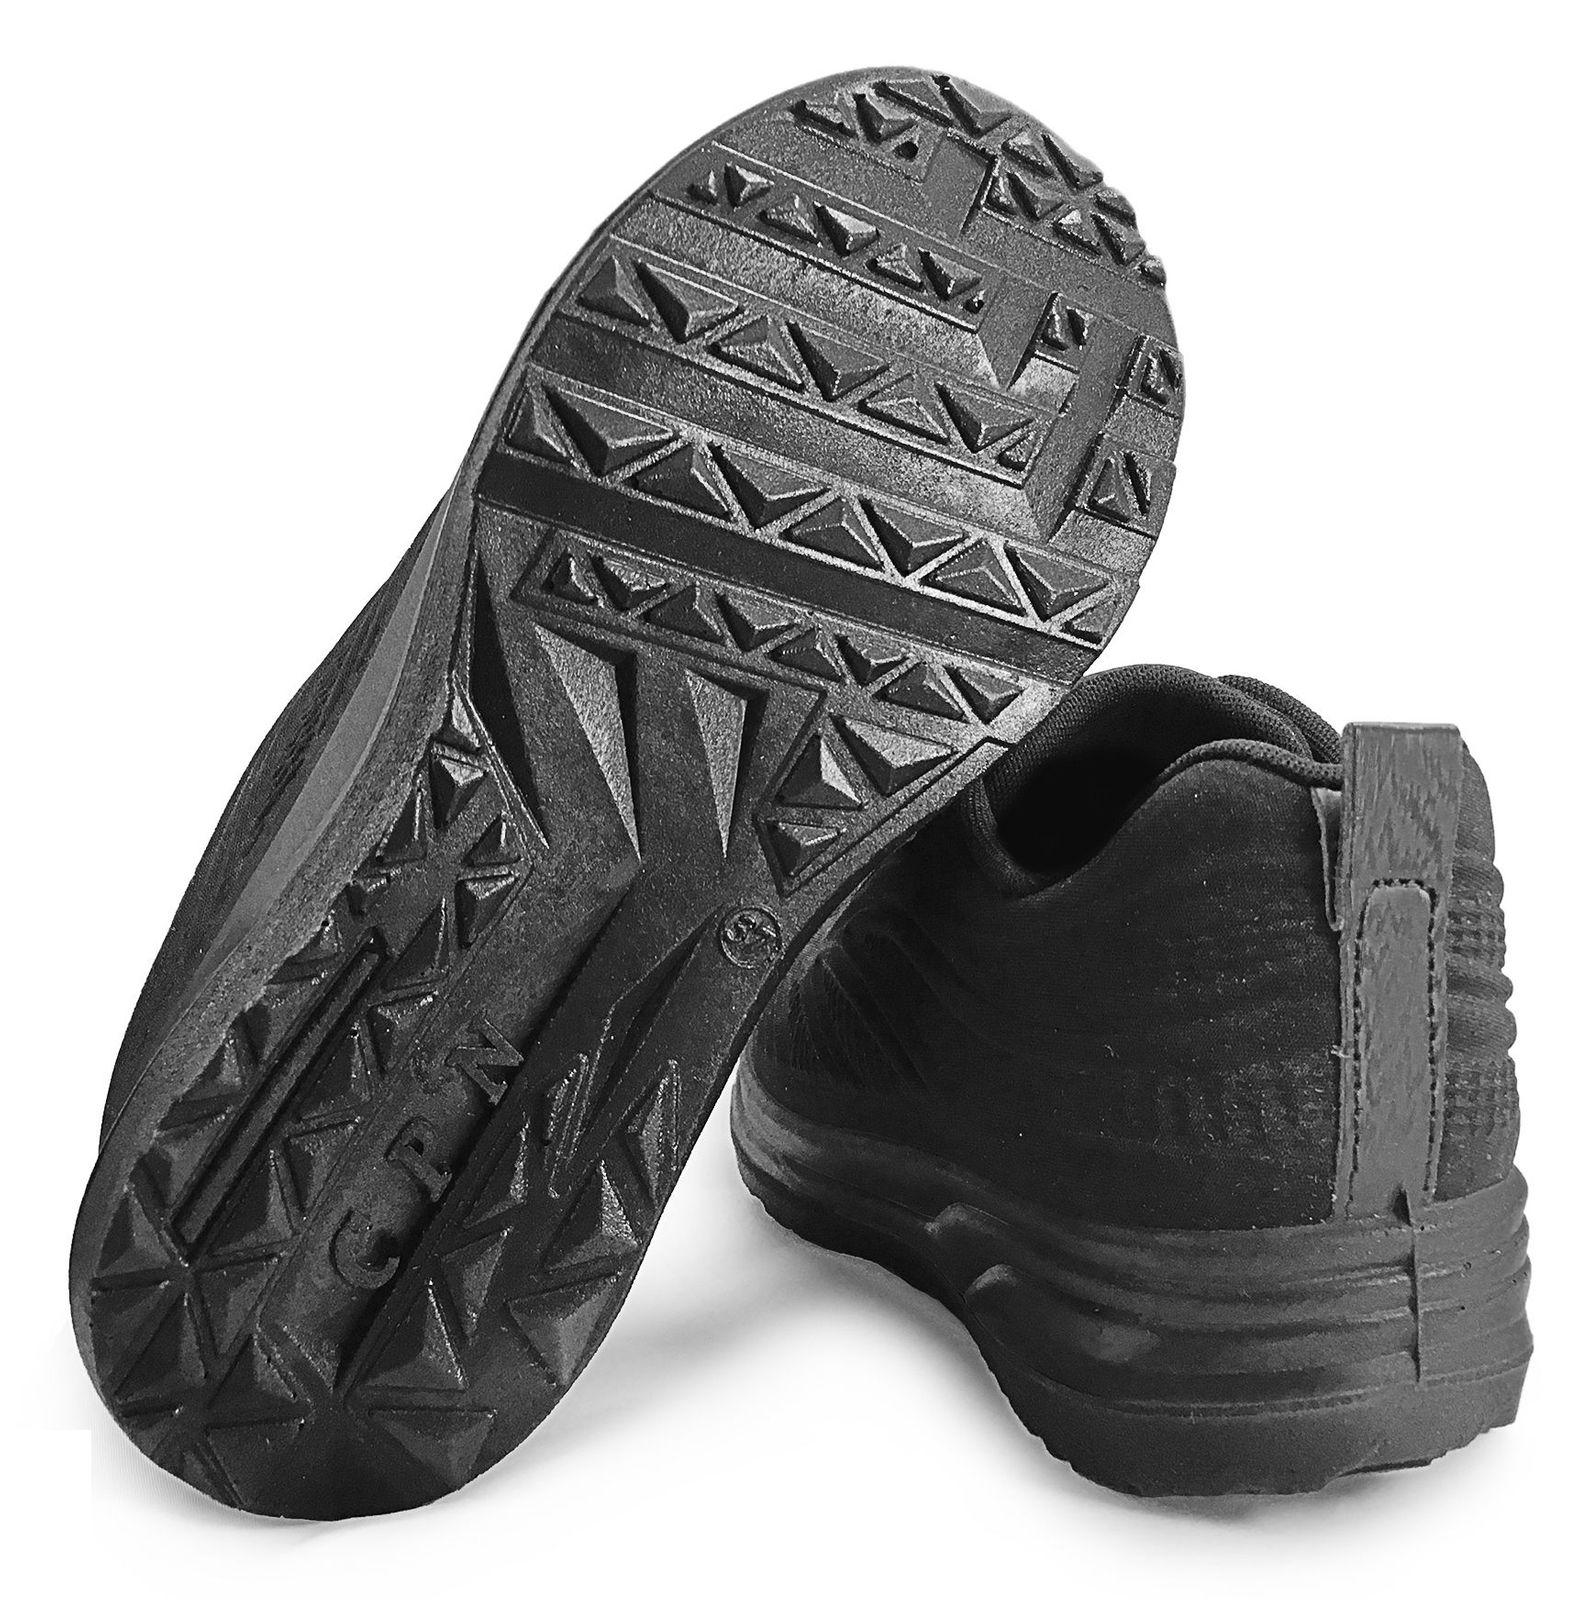 کفش مخصوص پیاده روی زنانه مدل چپان کد 3693 main 1 2